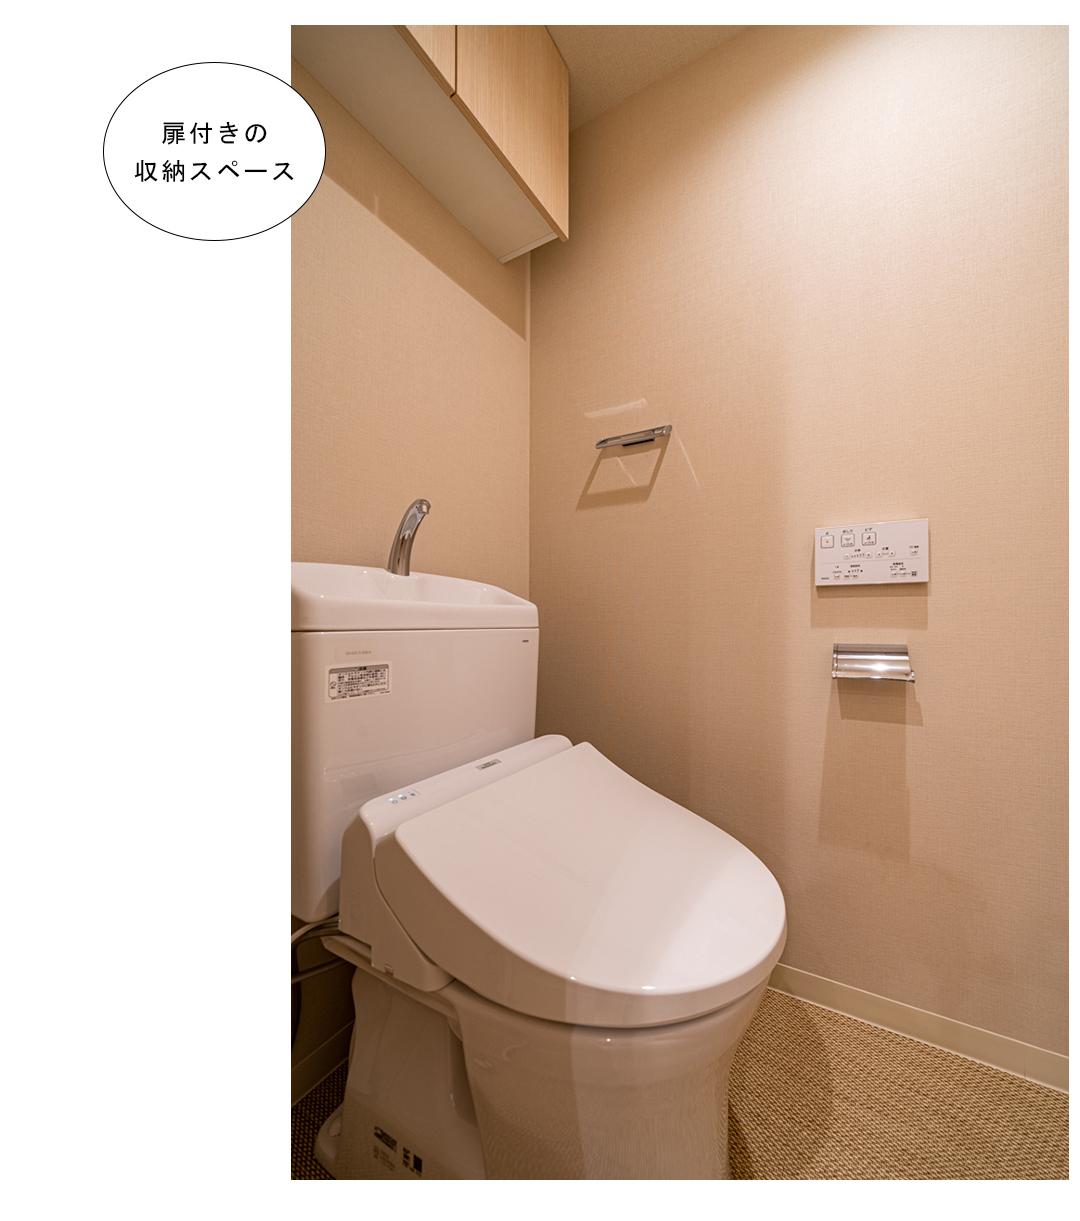 東急ドエルアルス多摩川のトイレ